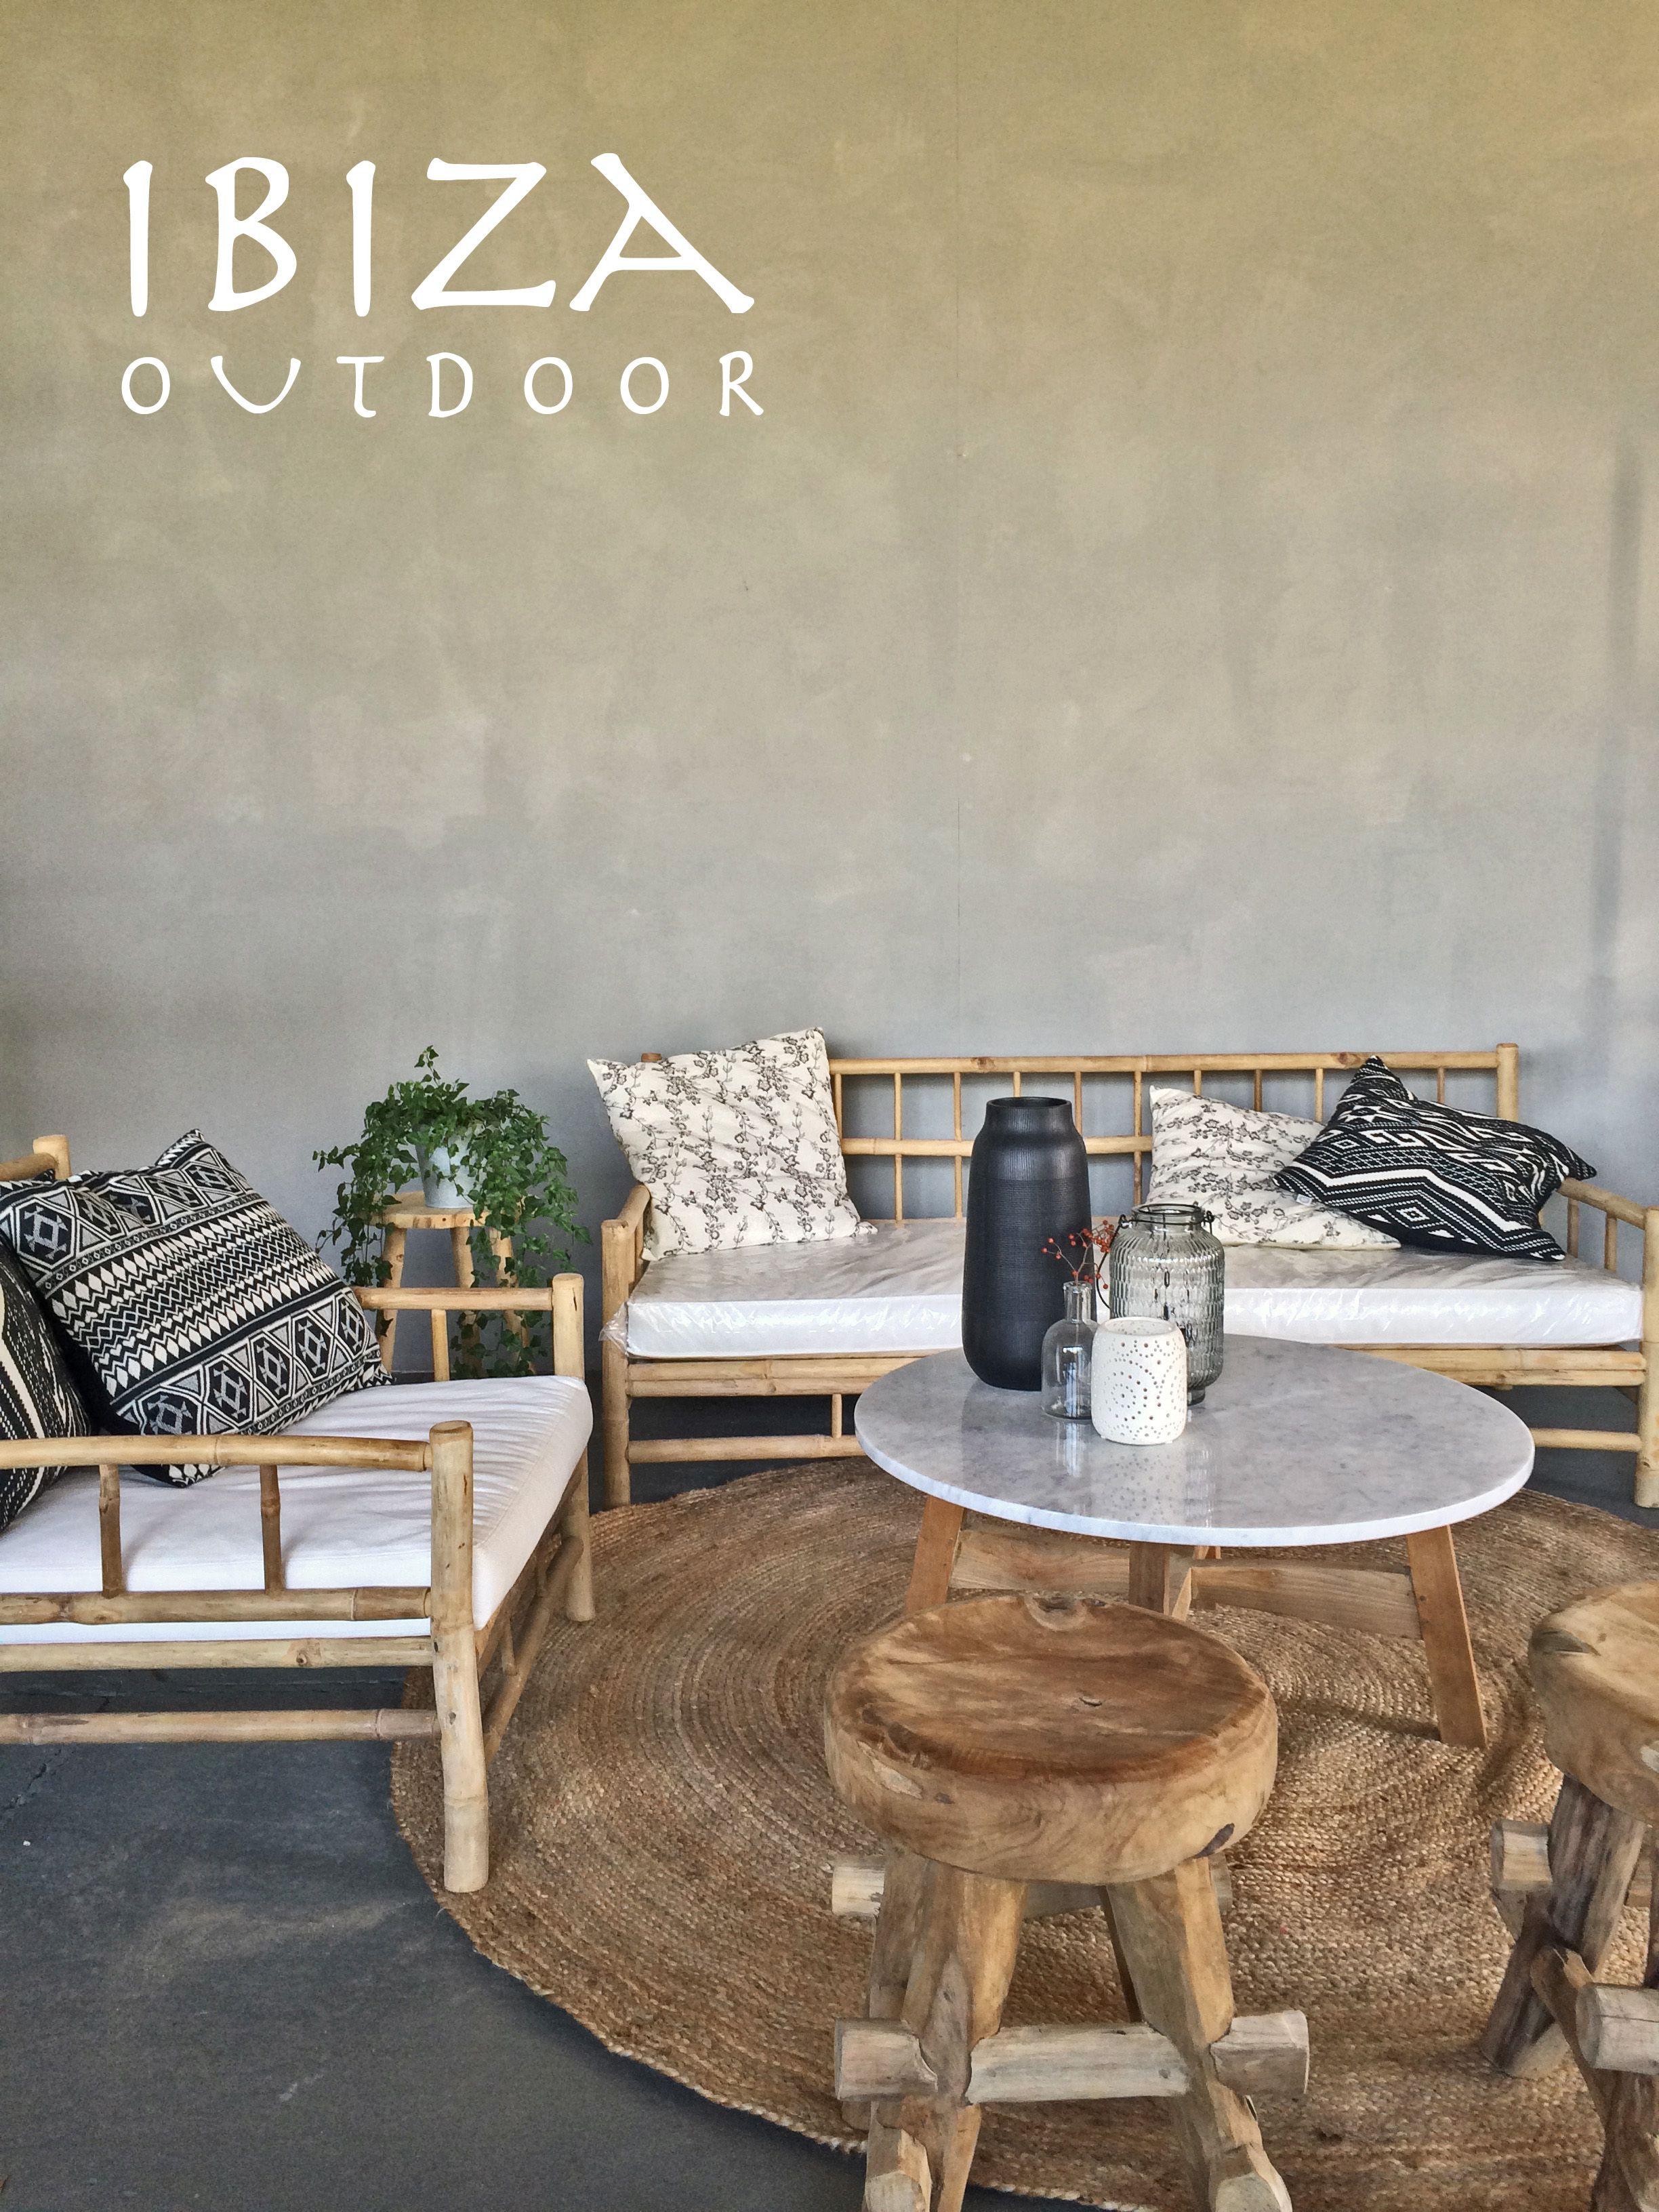 mooie foto ontvangen met het stoere robuuste ibiza krukje en bamboe loungebanken met marmeren salontafel, love it! bij interesse mail naar ibizaoutdoor@gmail.com ook voor een afspraak in de loods.